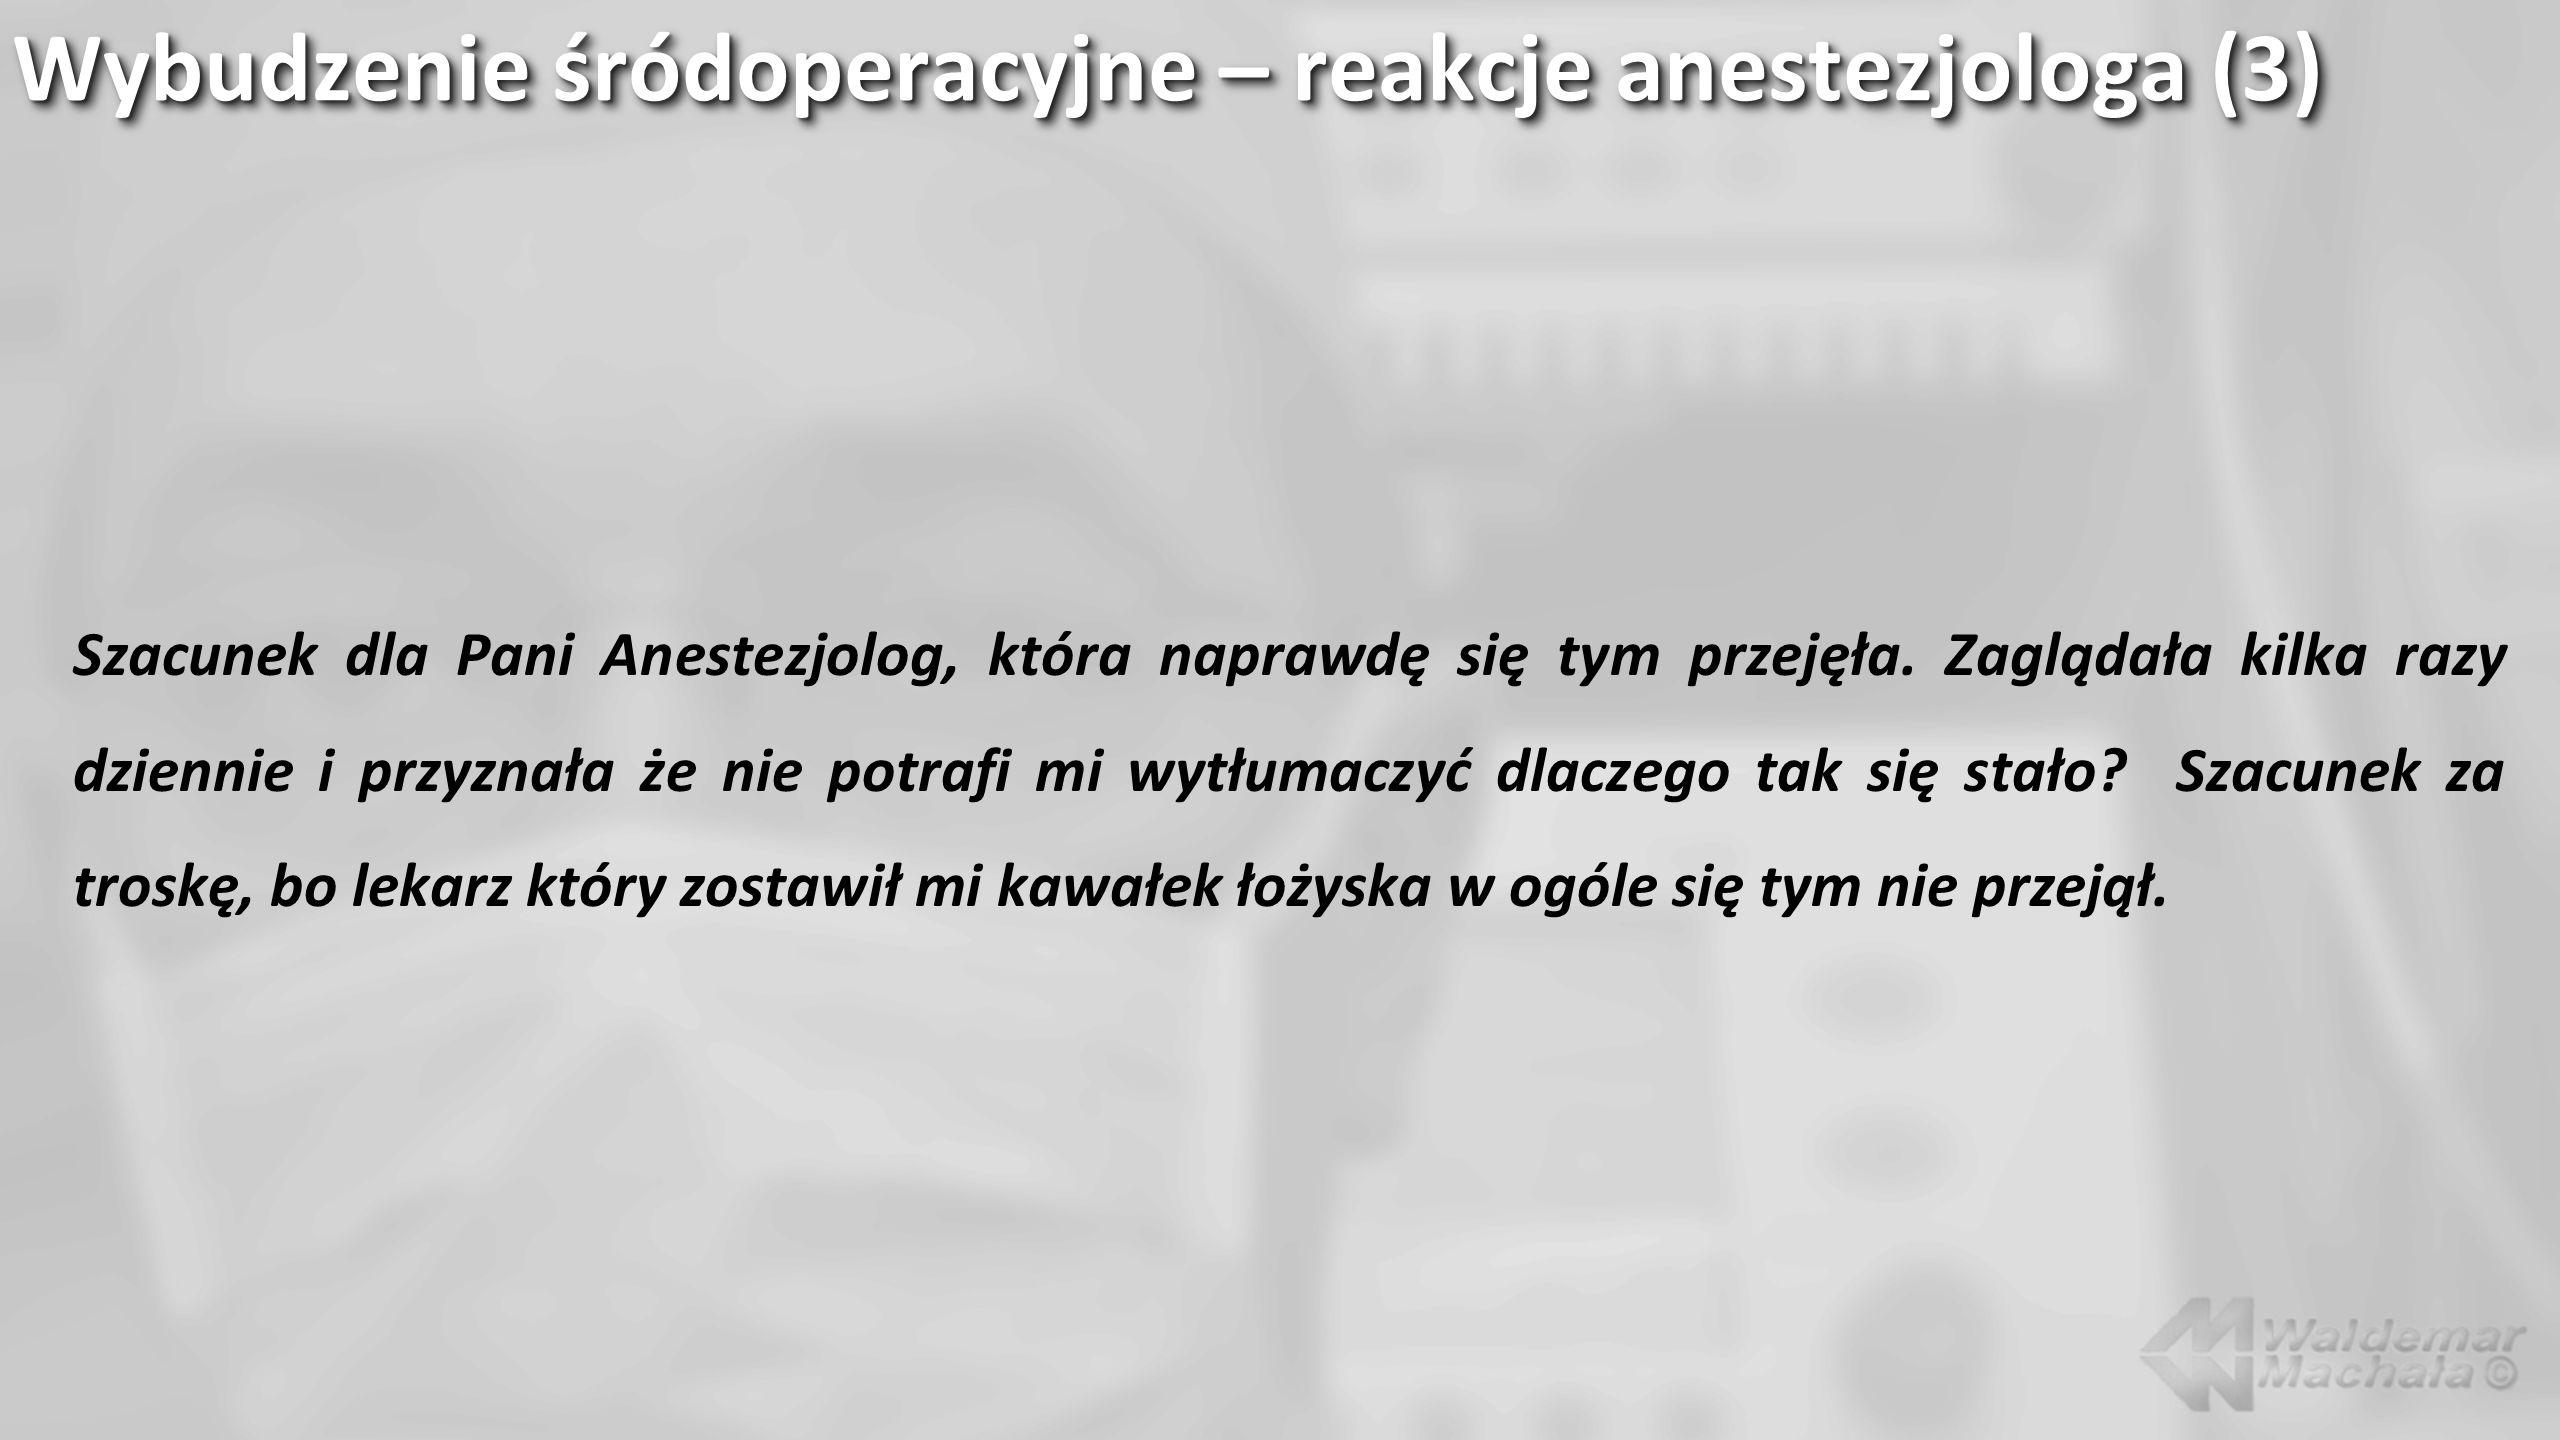 Wybudzenie śródoperacyjne – reakcje anestezjologa (3)